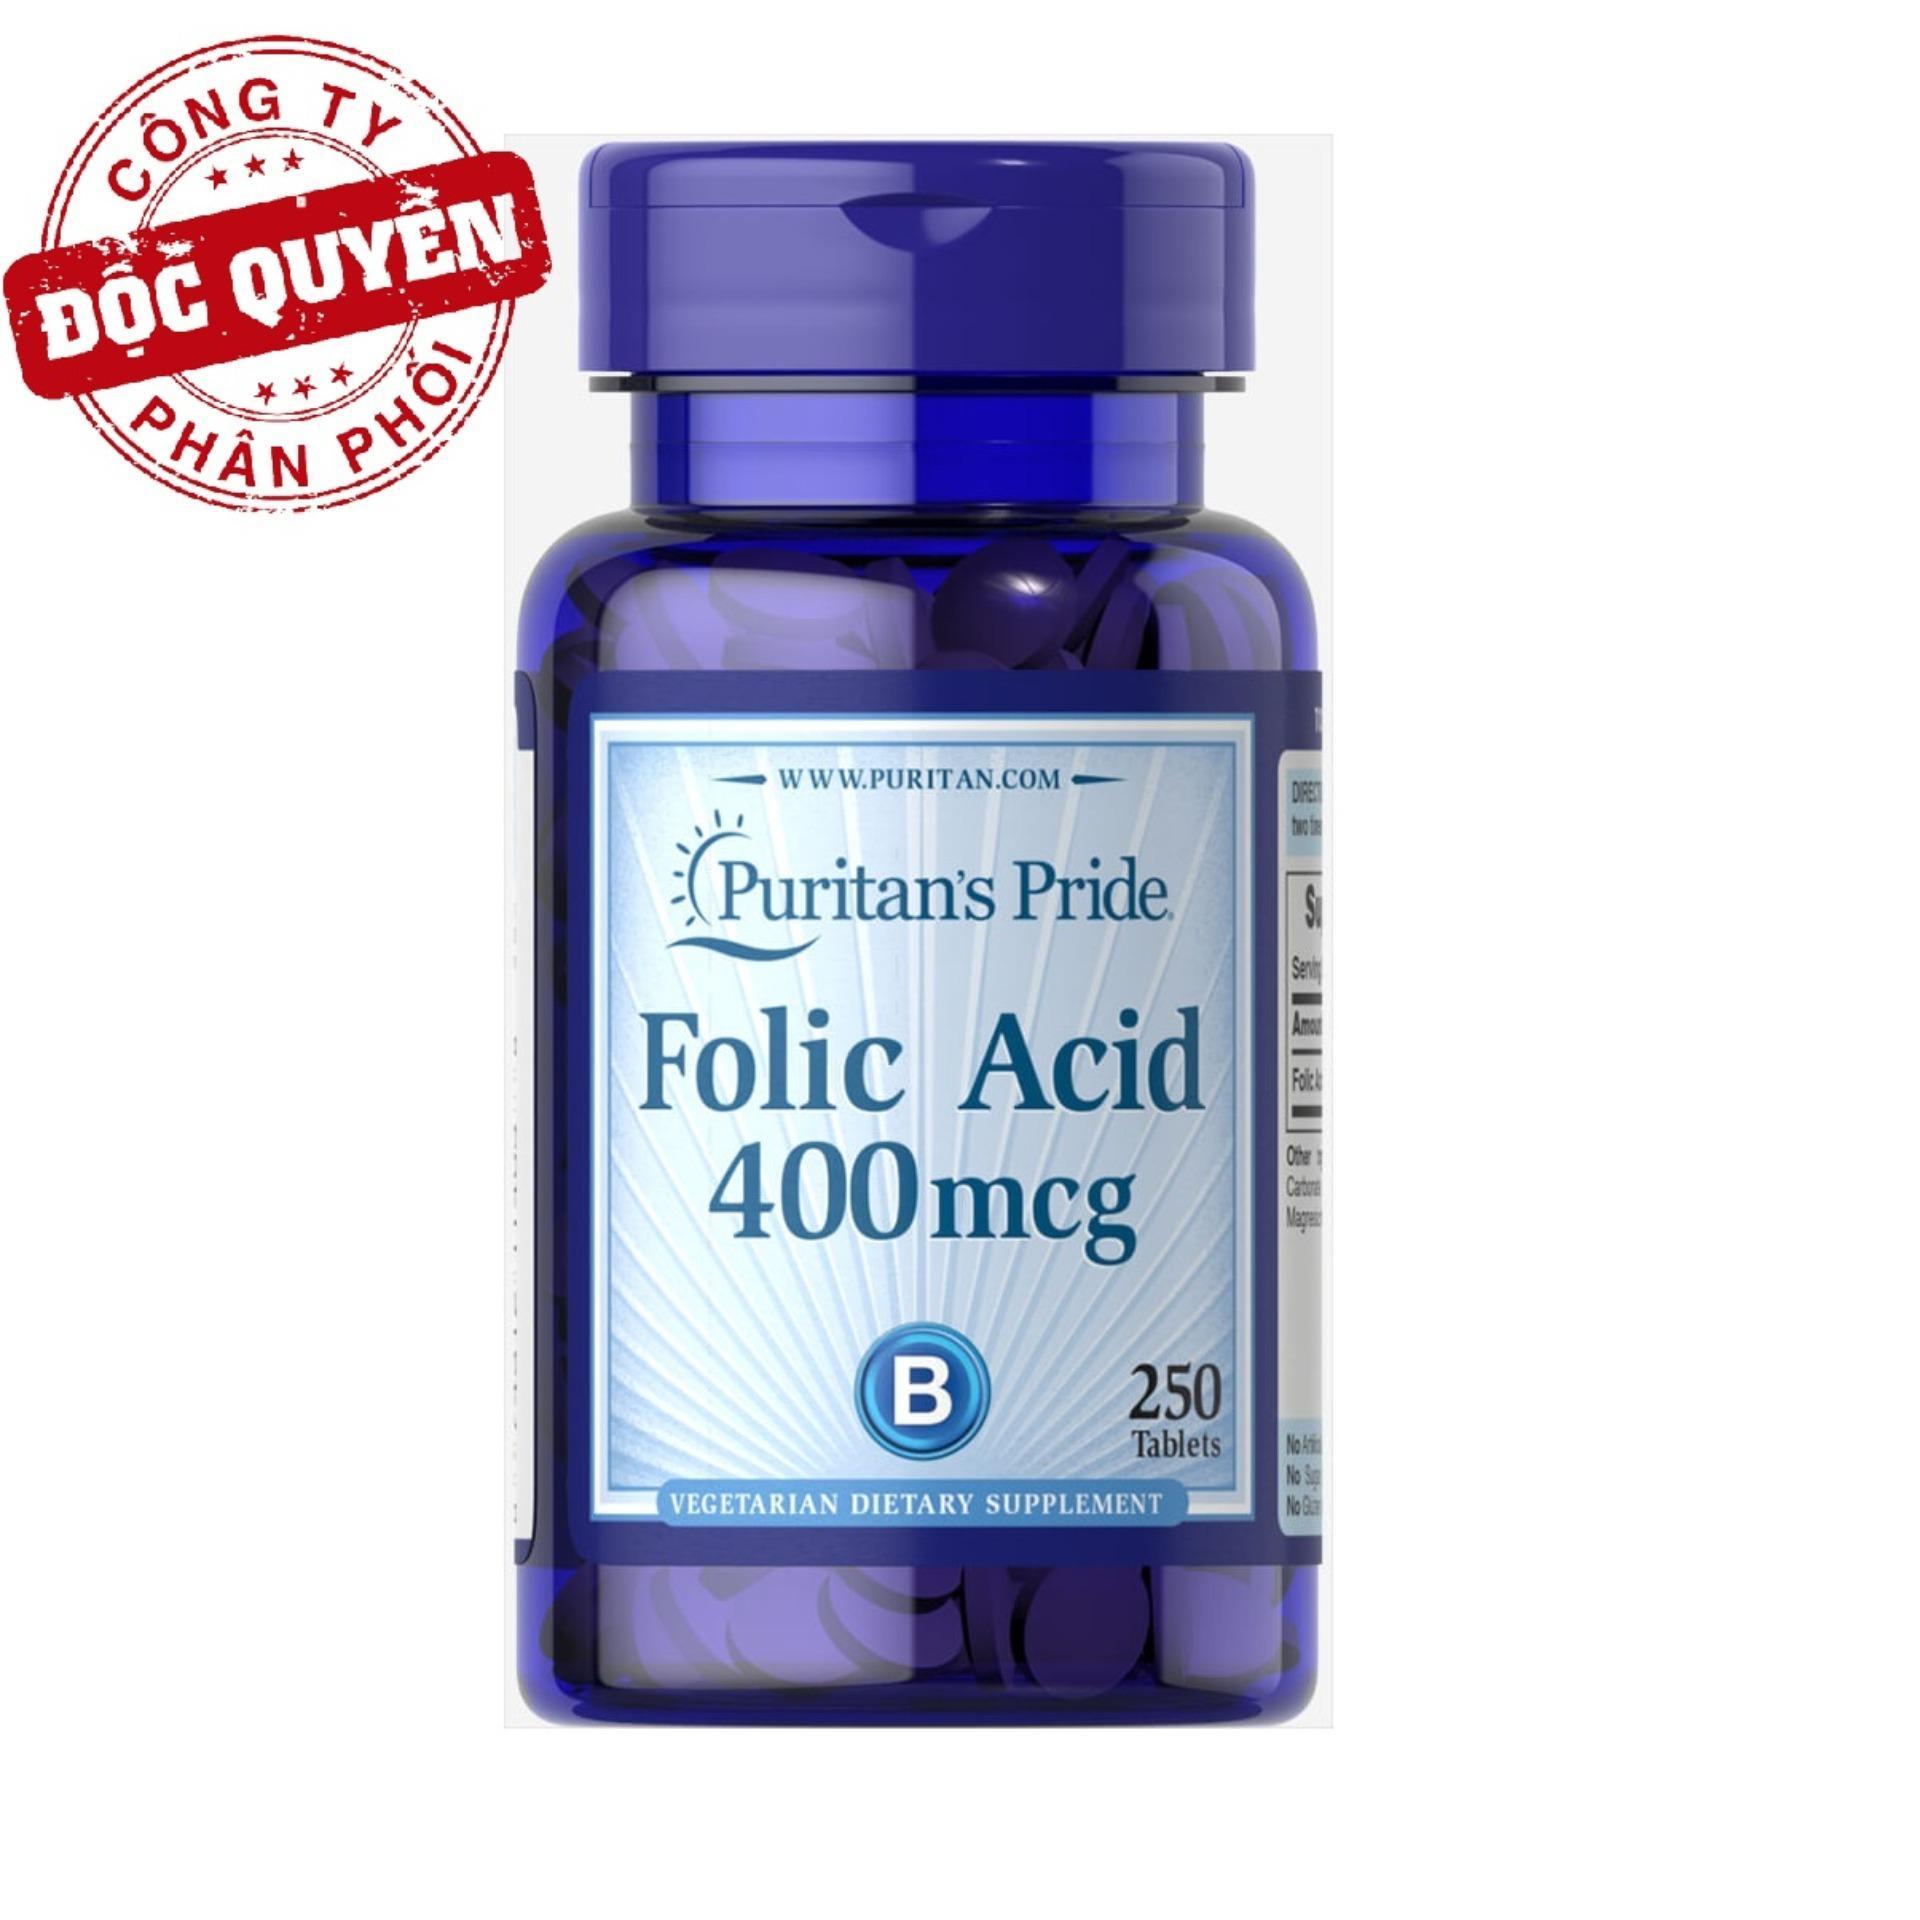 Viên uống ngăn ngừa thiếu máu Puritan's Pride Folic Acid 400mcg 250 viên HSD tháng 1/2019